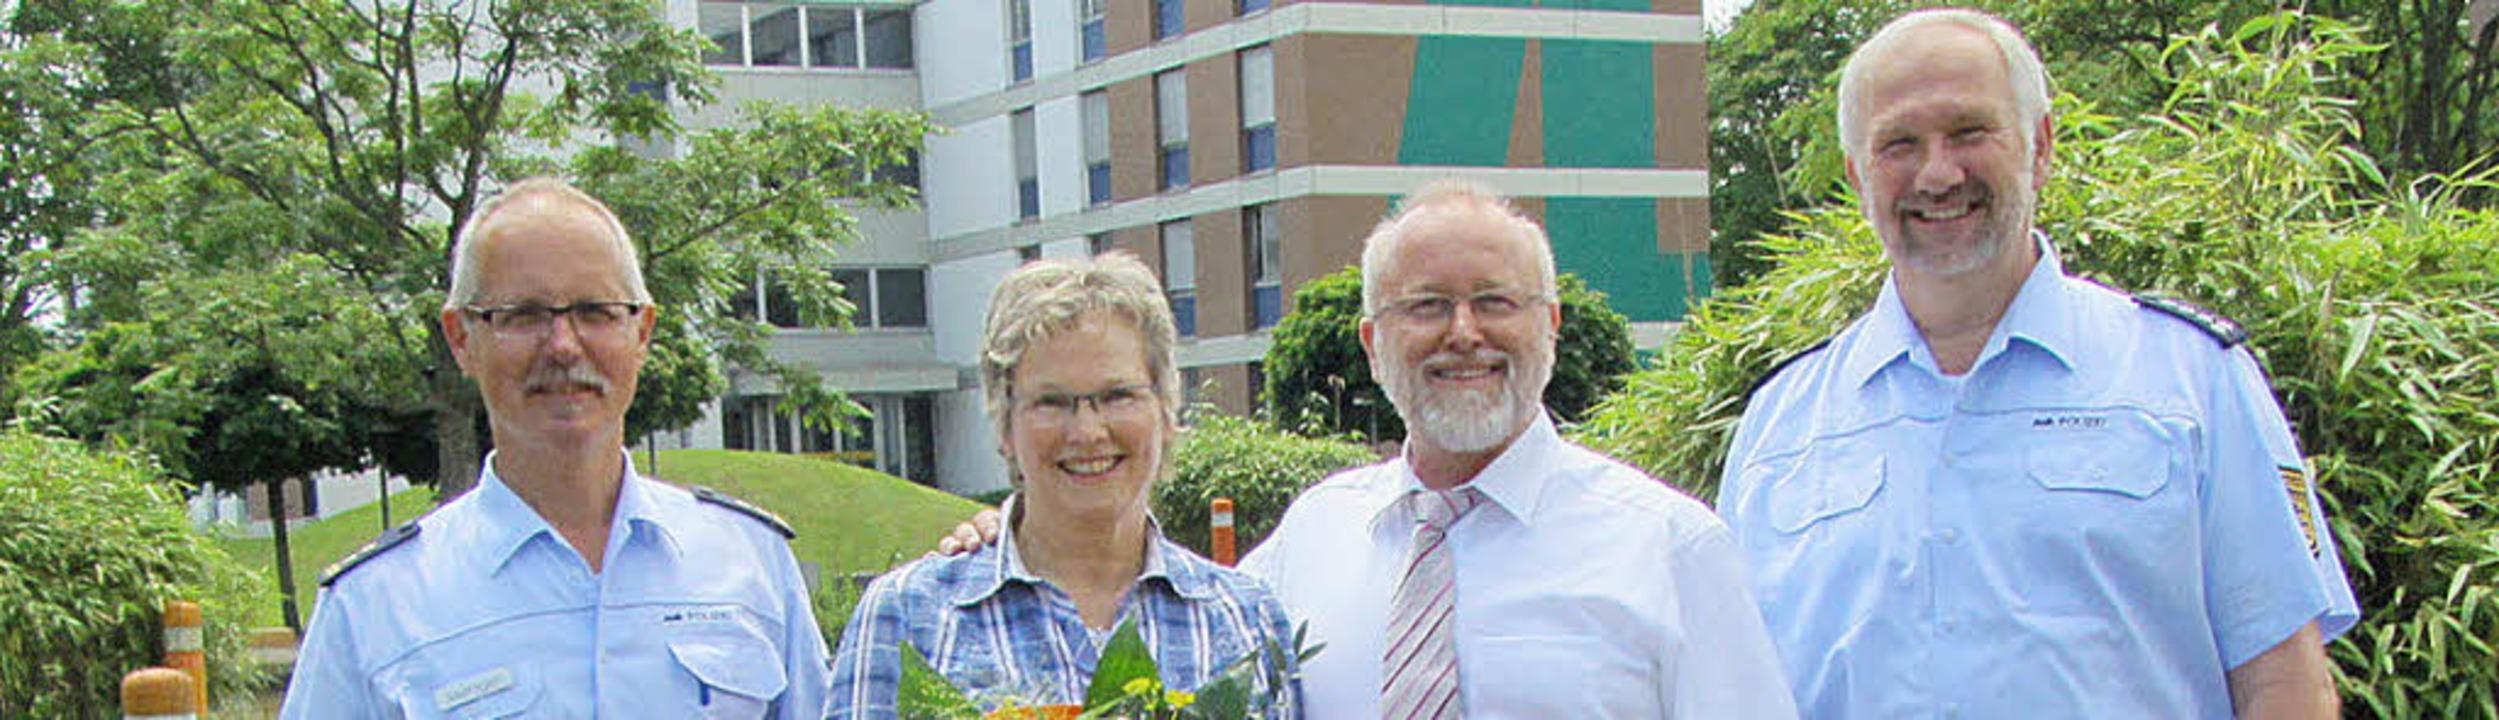 Mit Dank verabschiedeten Joachim Metzg...sar Michael Katz, hier mit Frau Rose.   | Foto: bepo